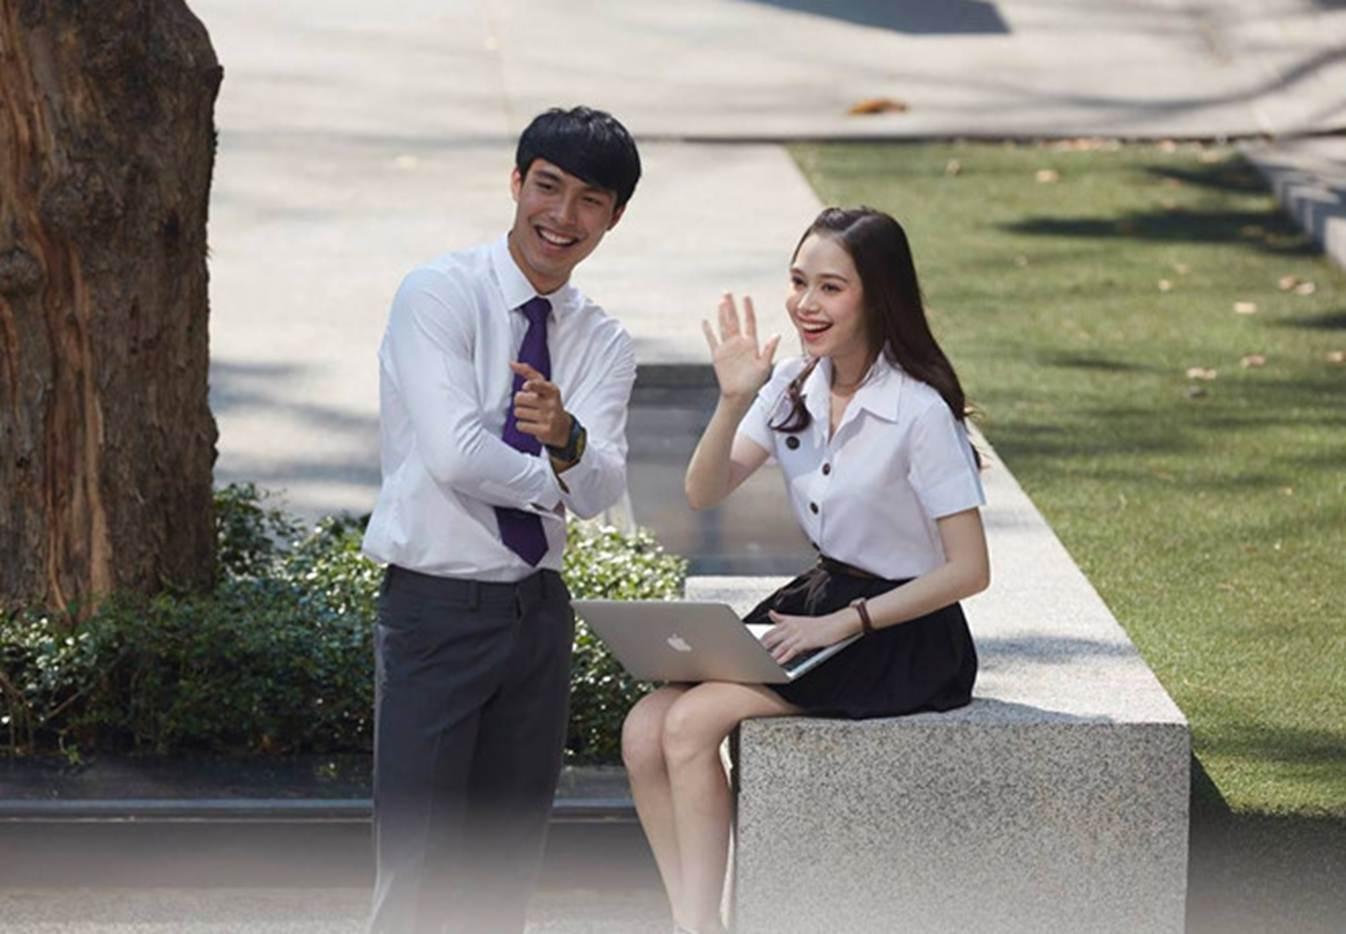 Đại học ở Thái Lan có đồng phục đầu bếp, bartender cho sinh viên-2